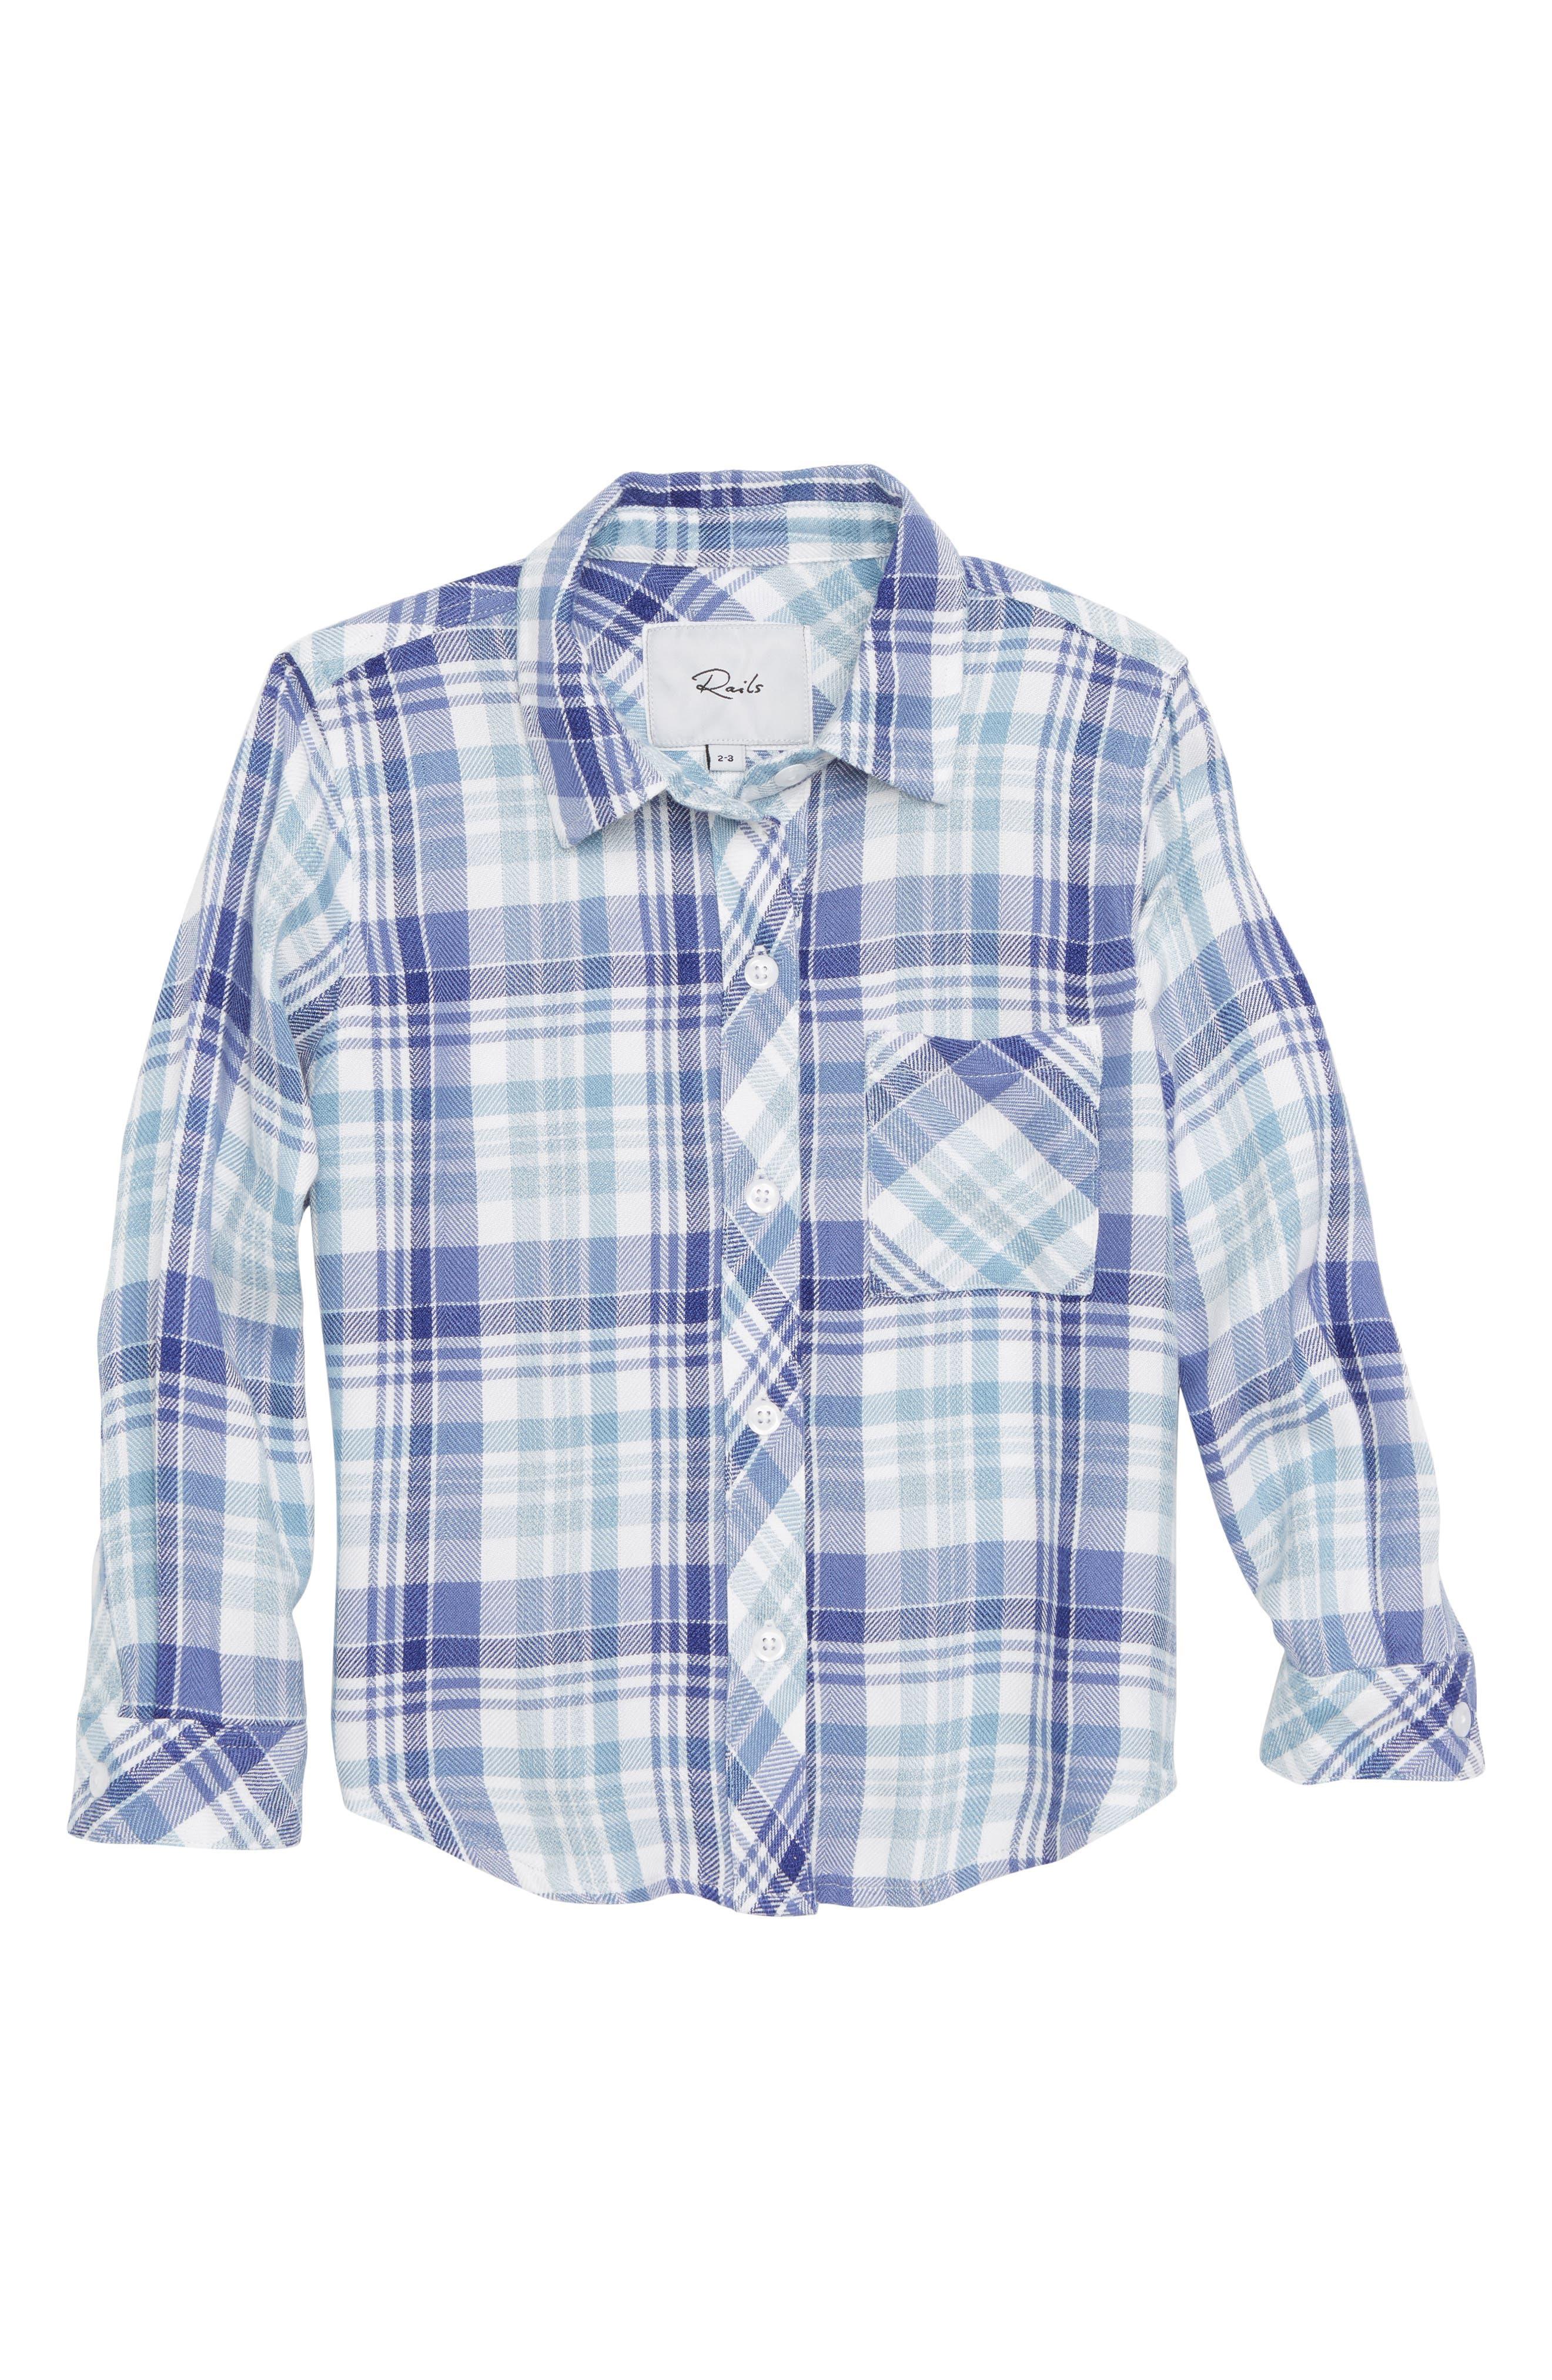 Hudson Plaid Shirt,                         Main,                         color, 401